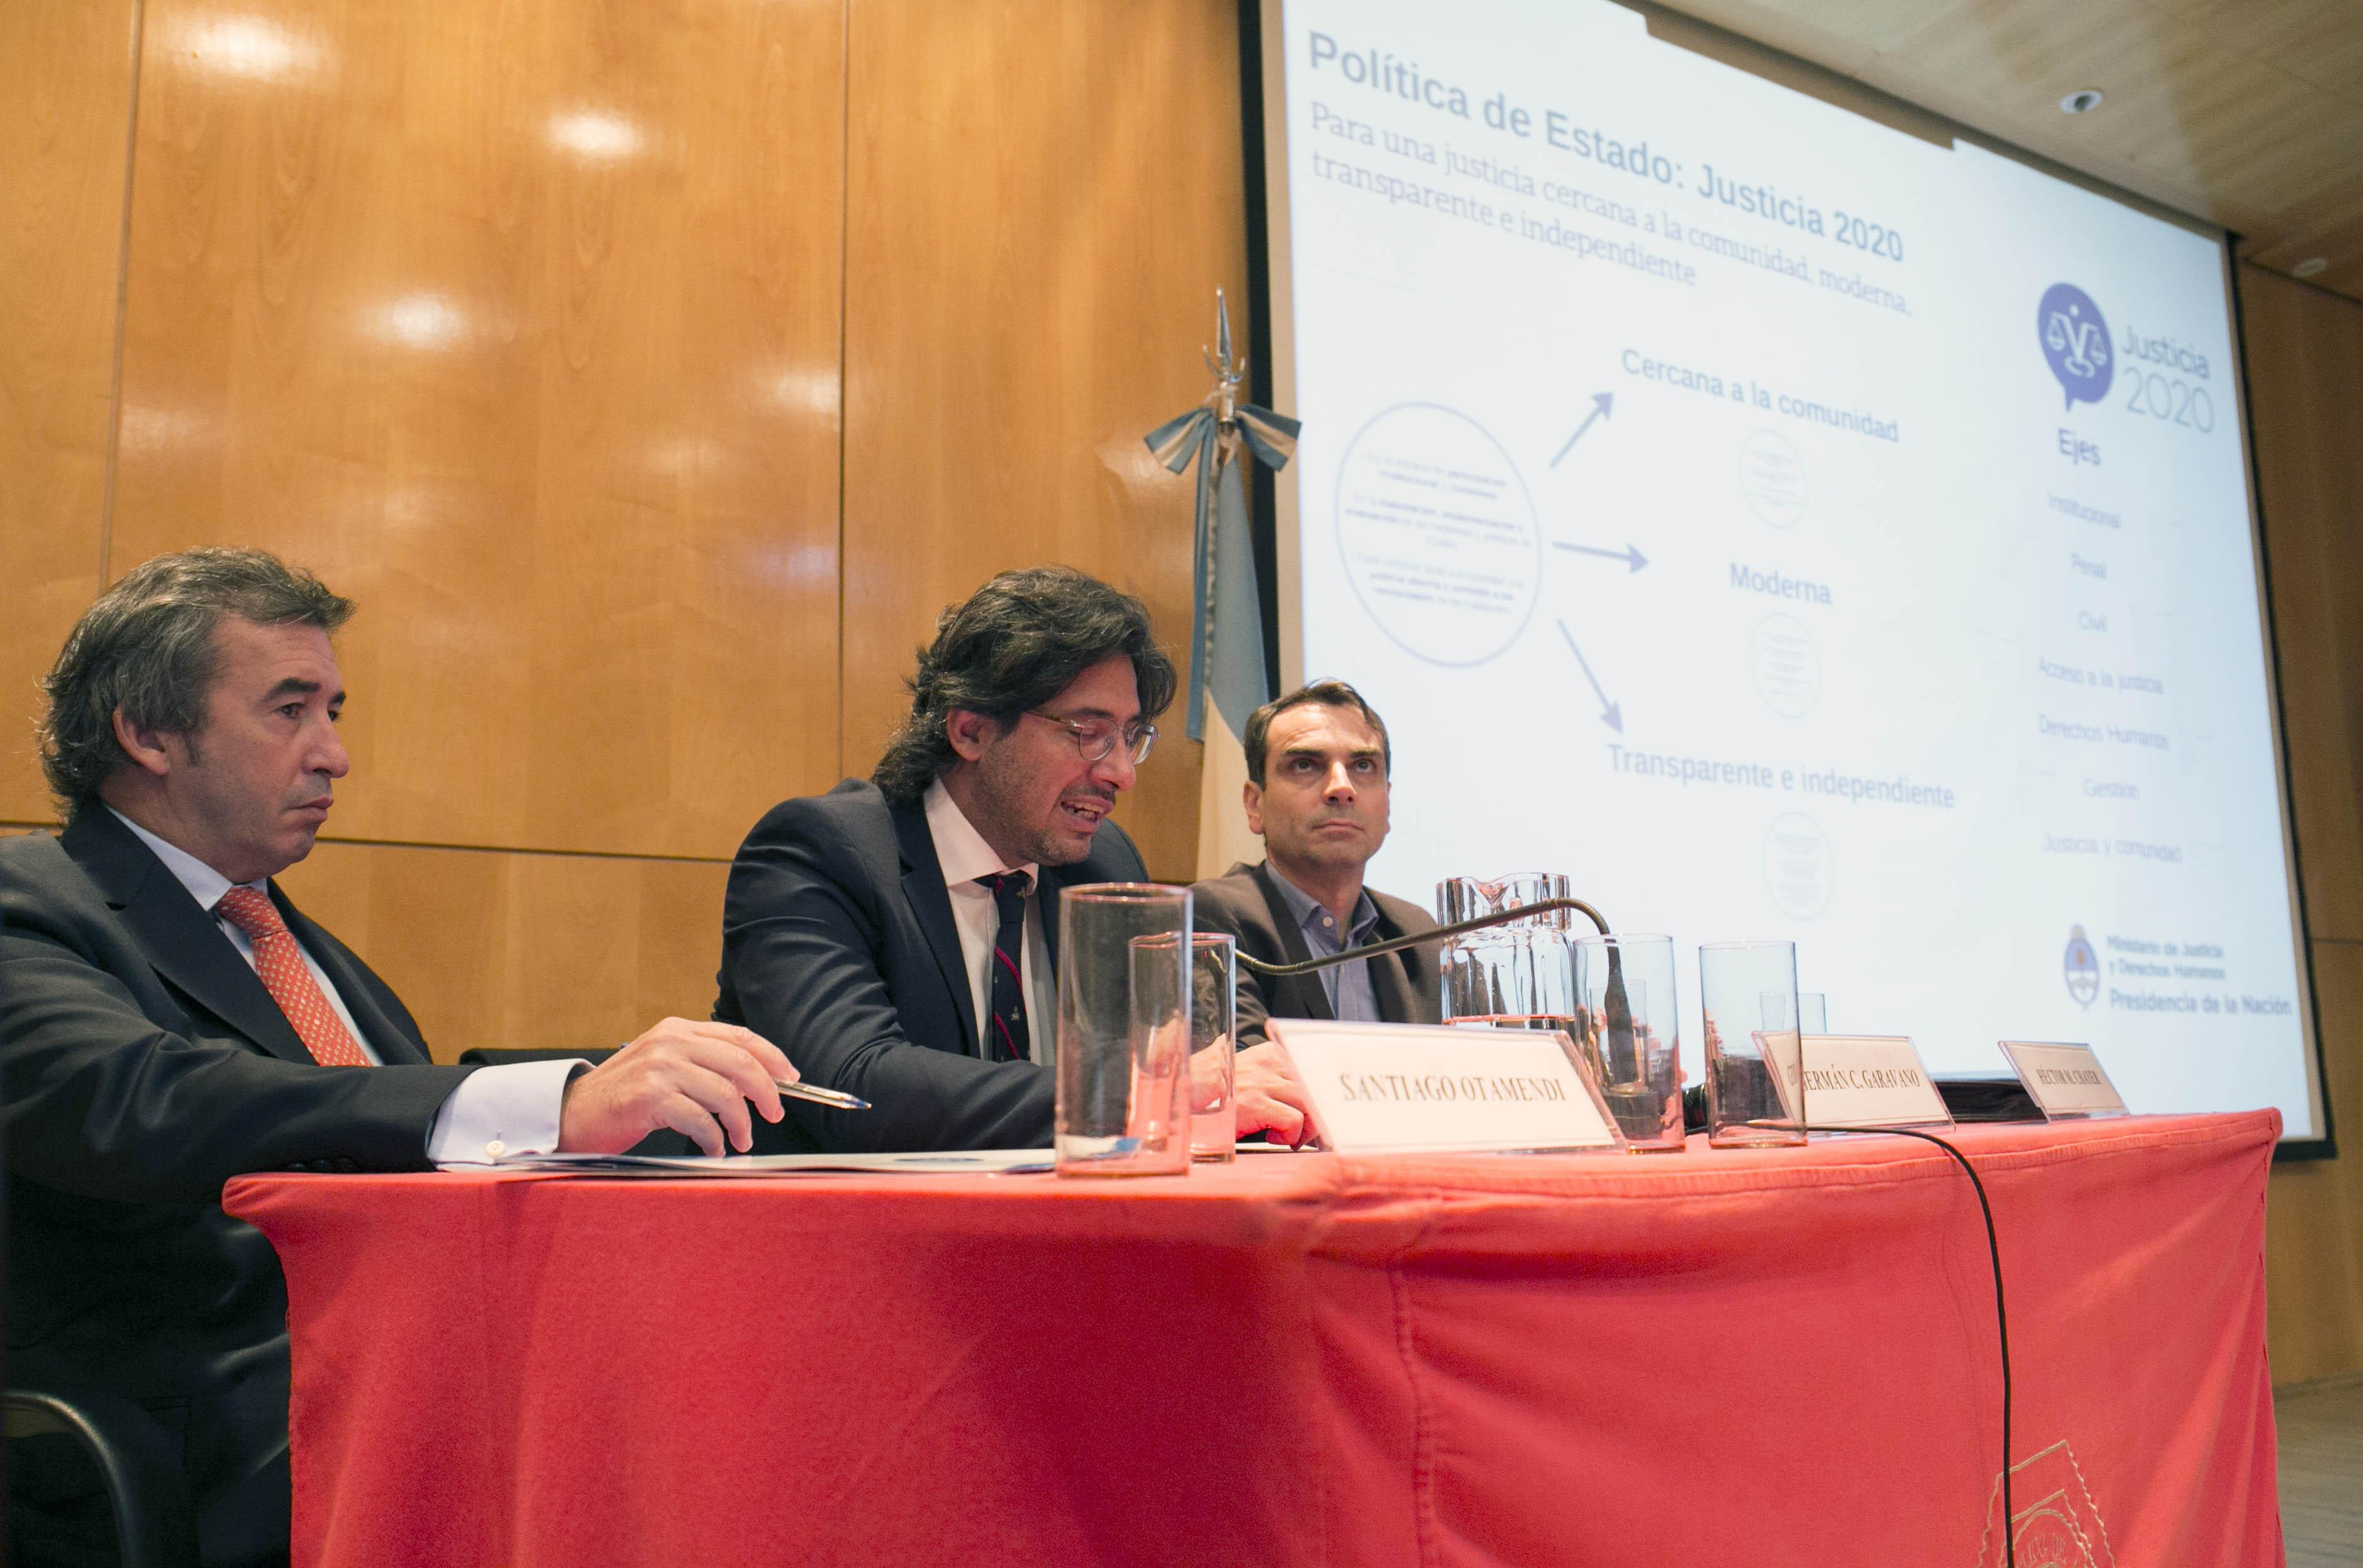 Garavano durante la charla en el Colegio Público de abogados.